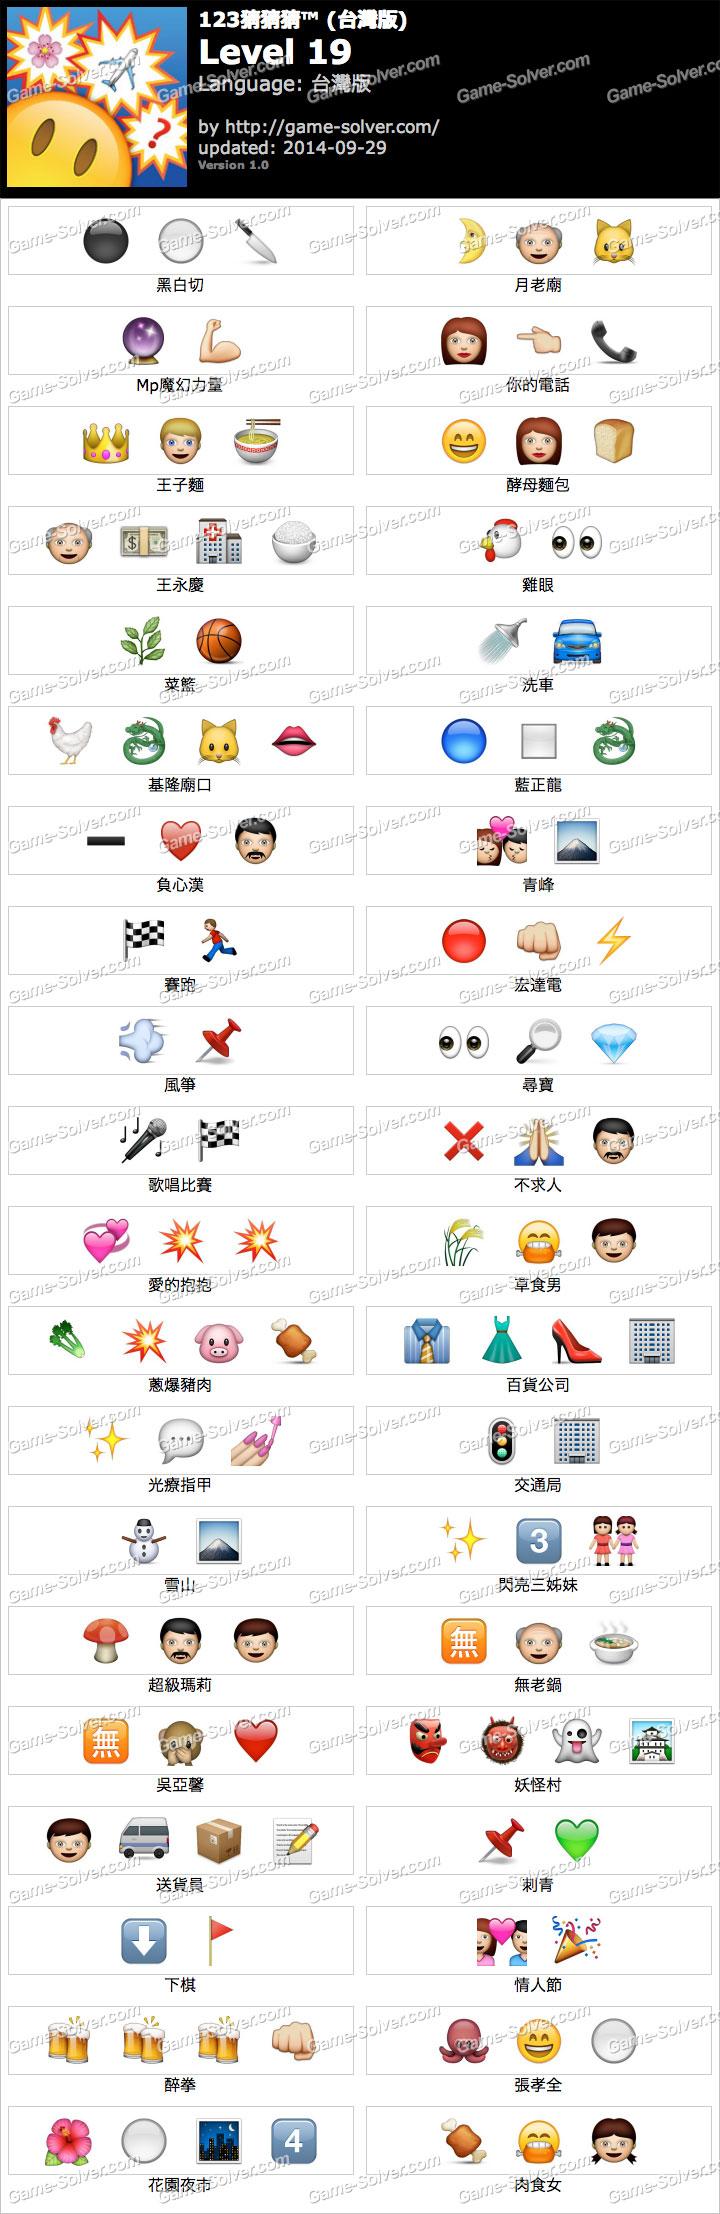 123猜猜猜台灣版答案等級19